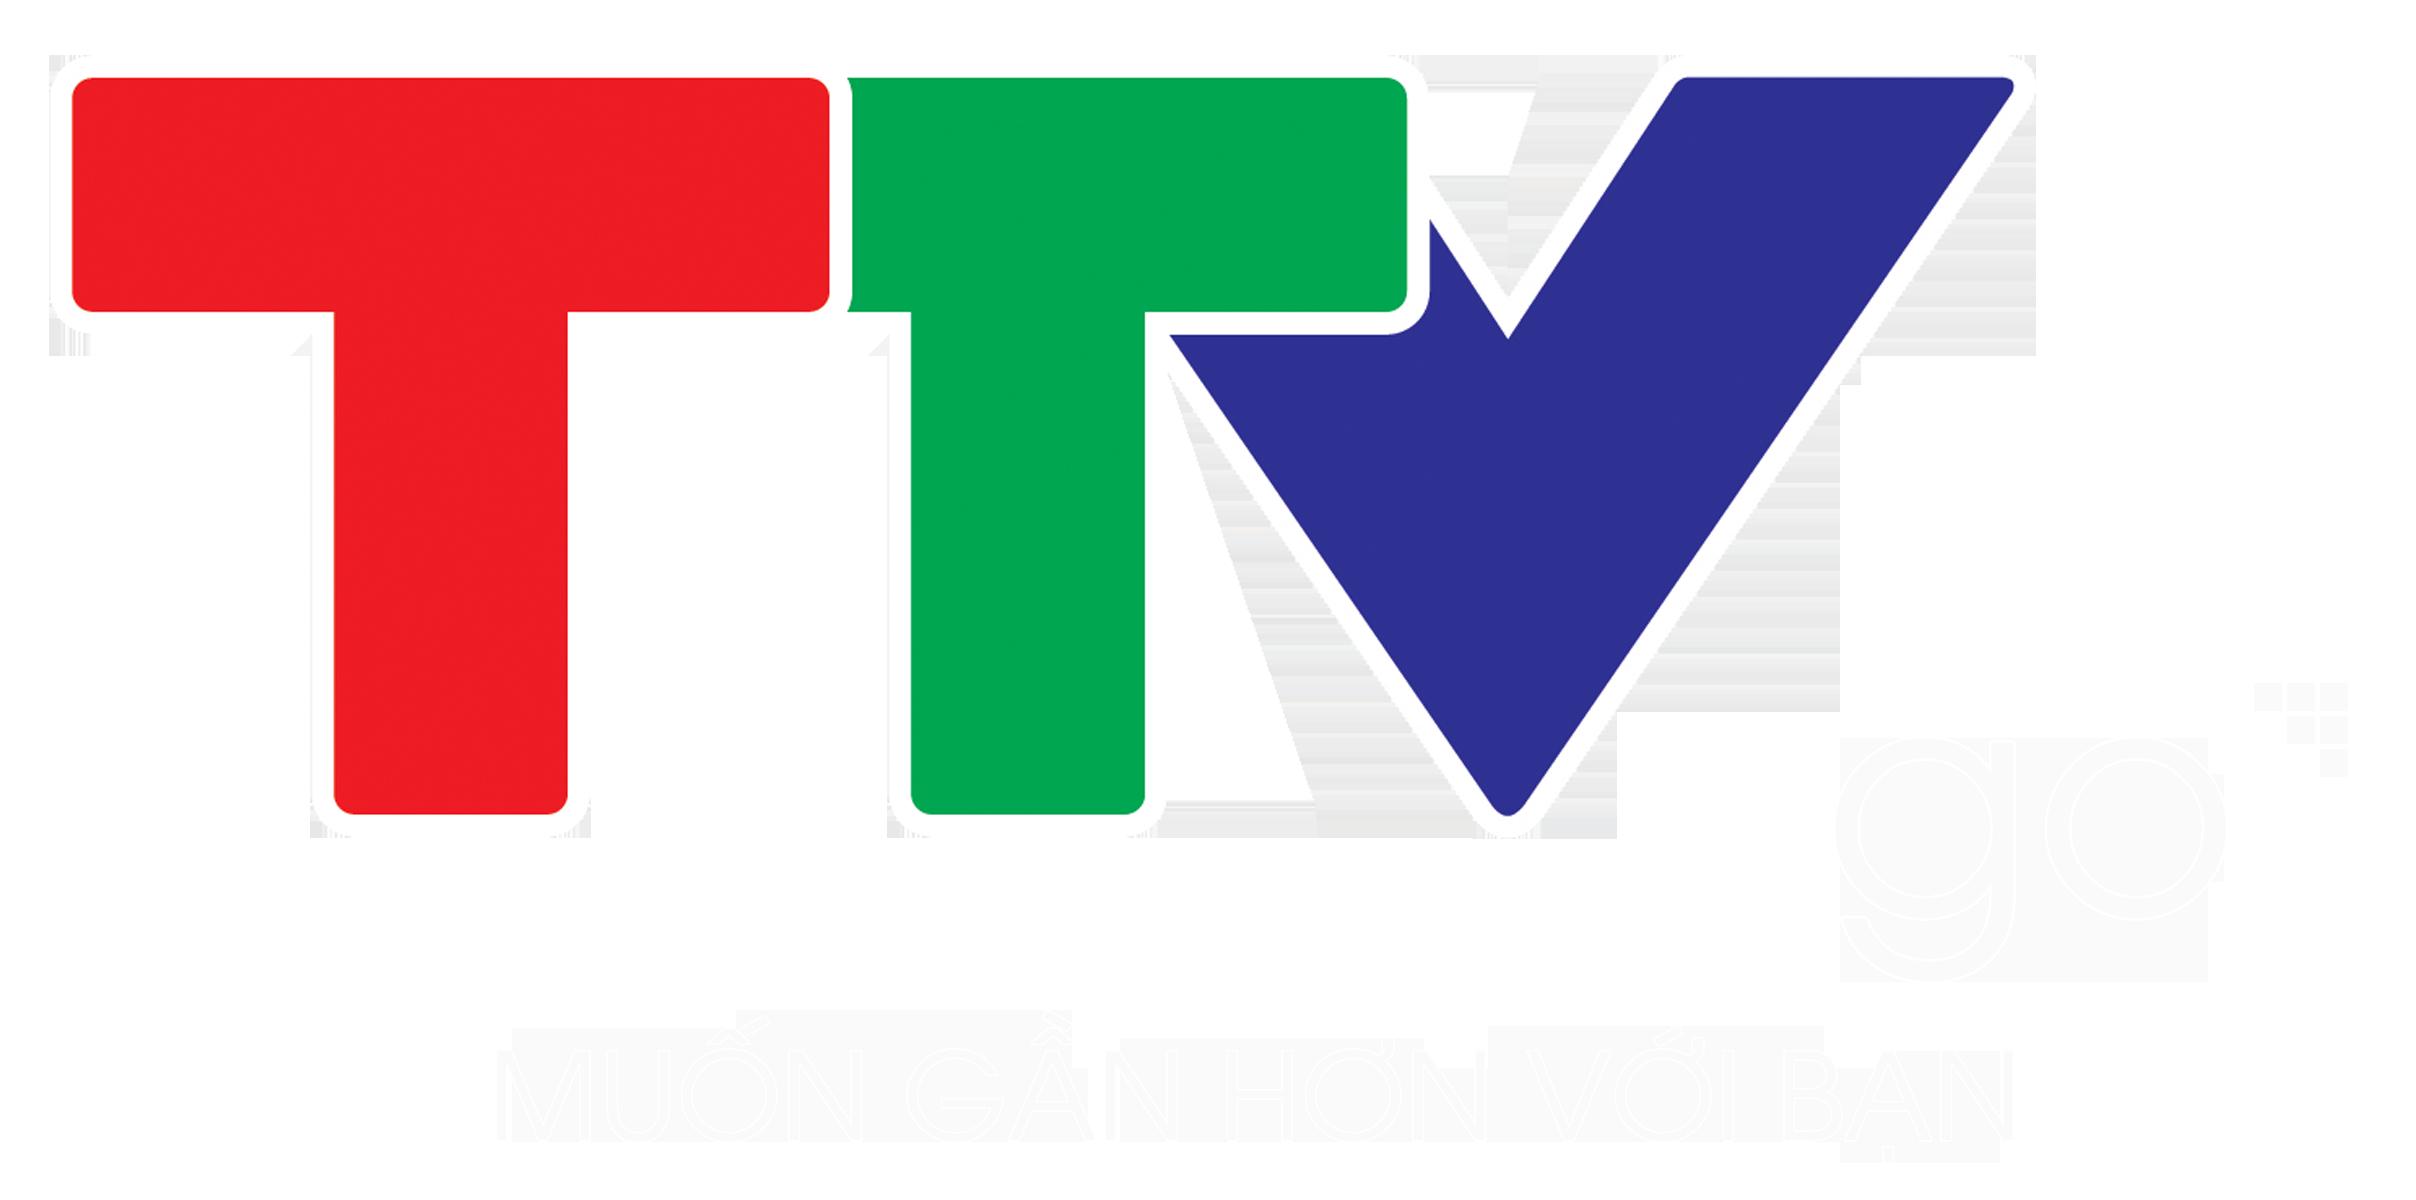 Truyền hình thanh hóa TTV.